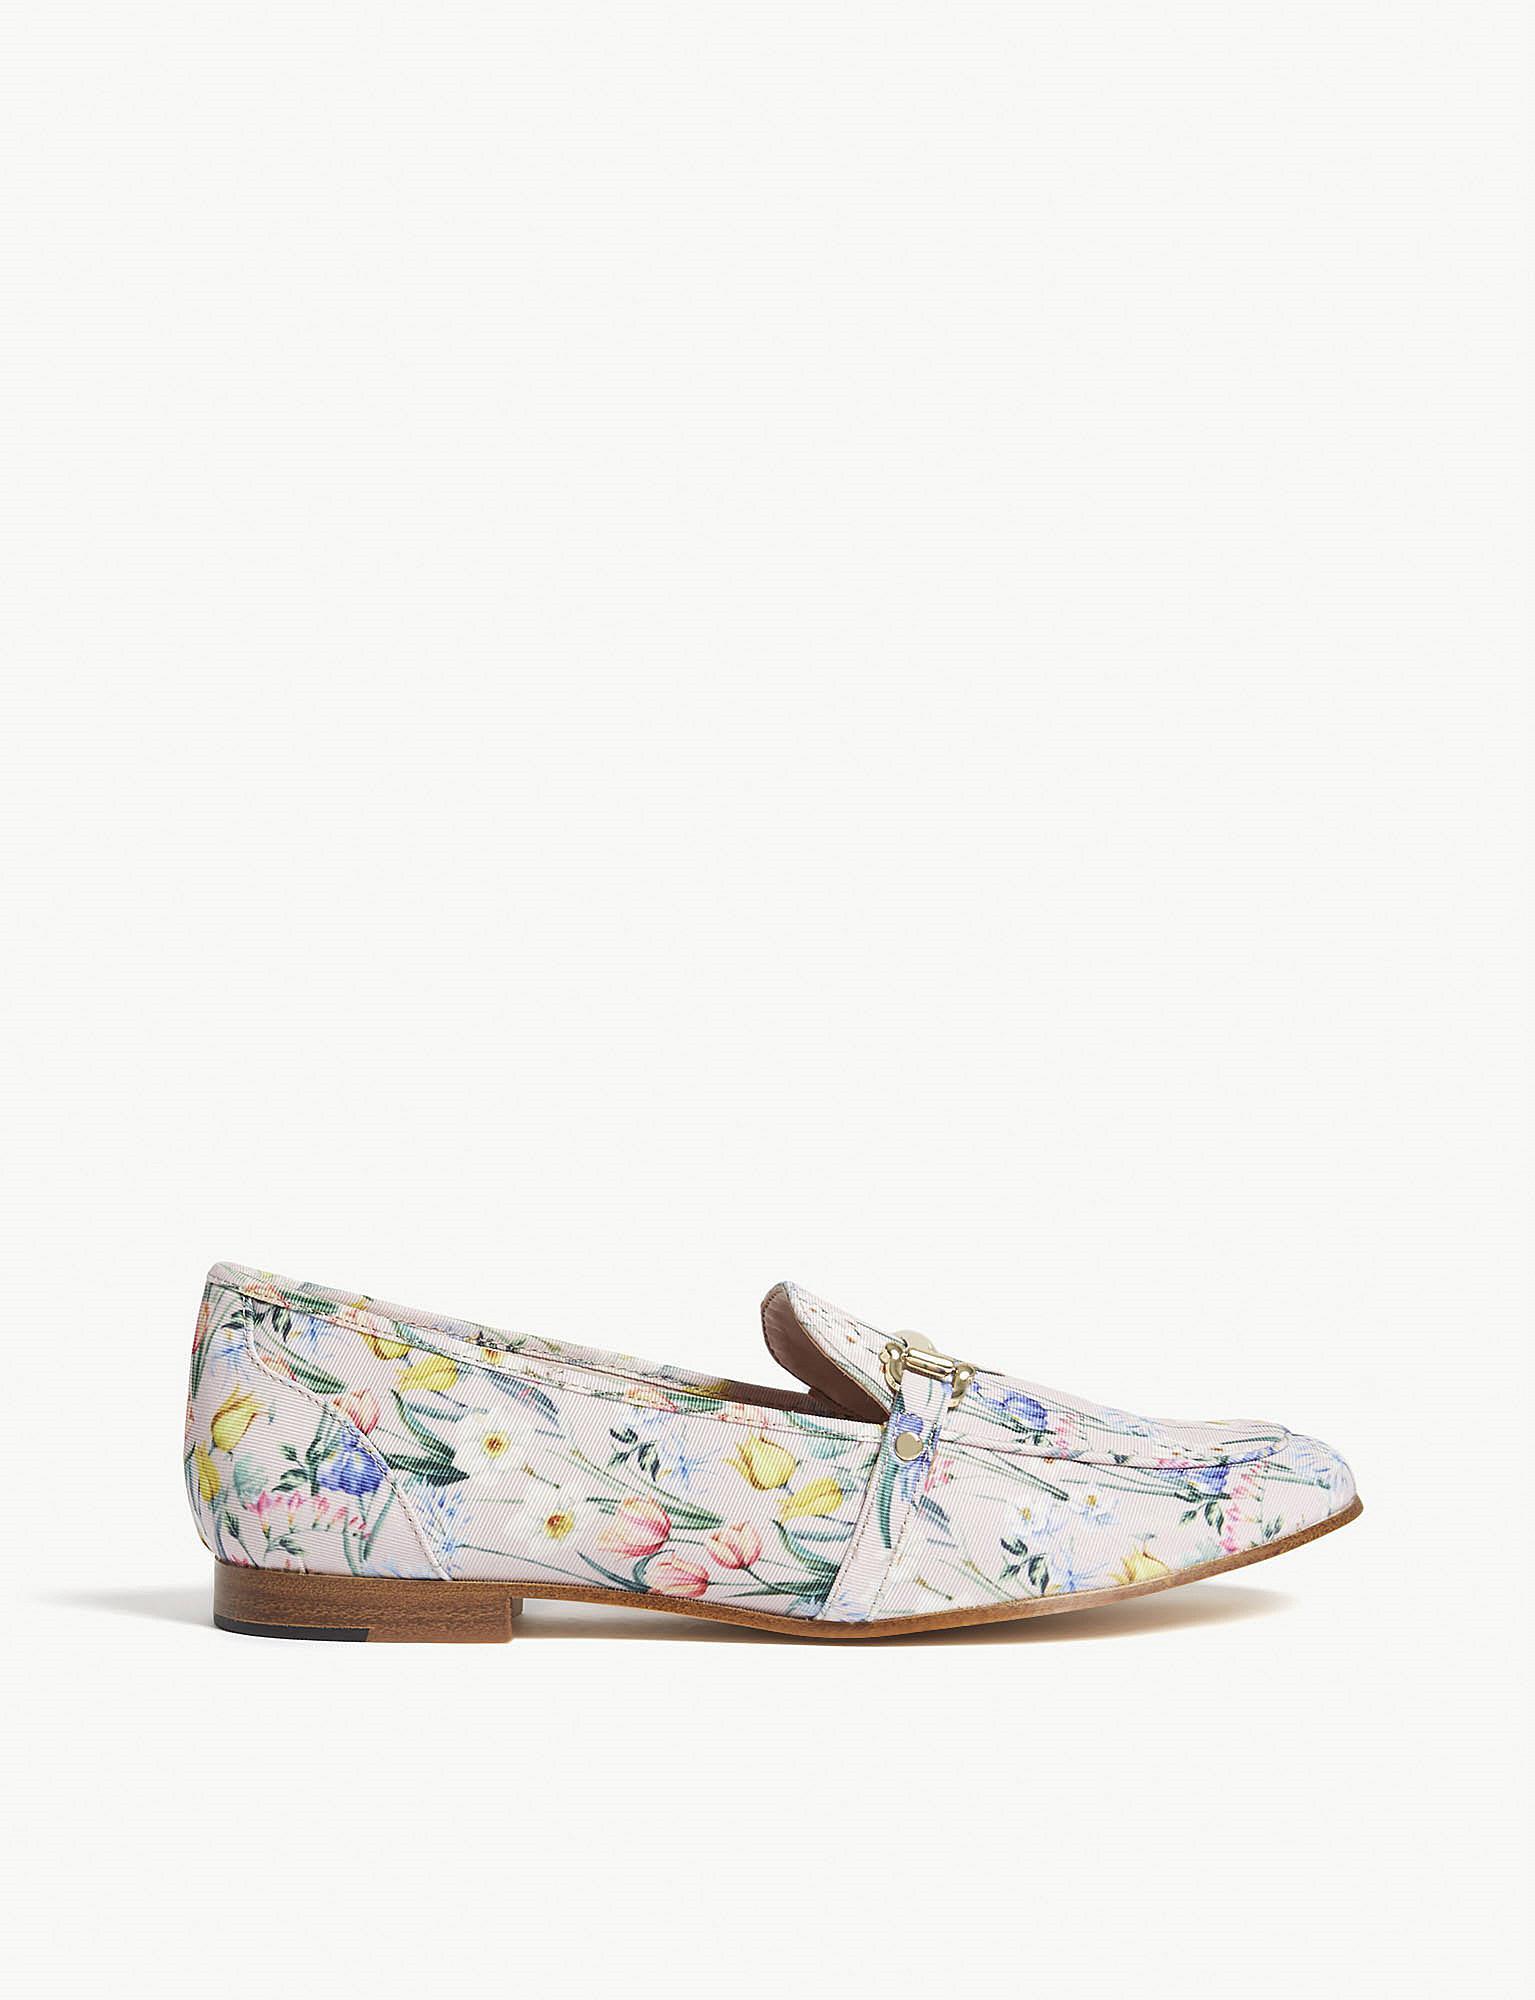 2b3781a6065 Lyst - ALDO Astawia Floral Loafers